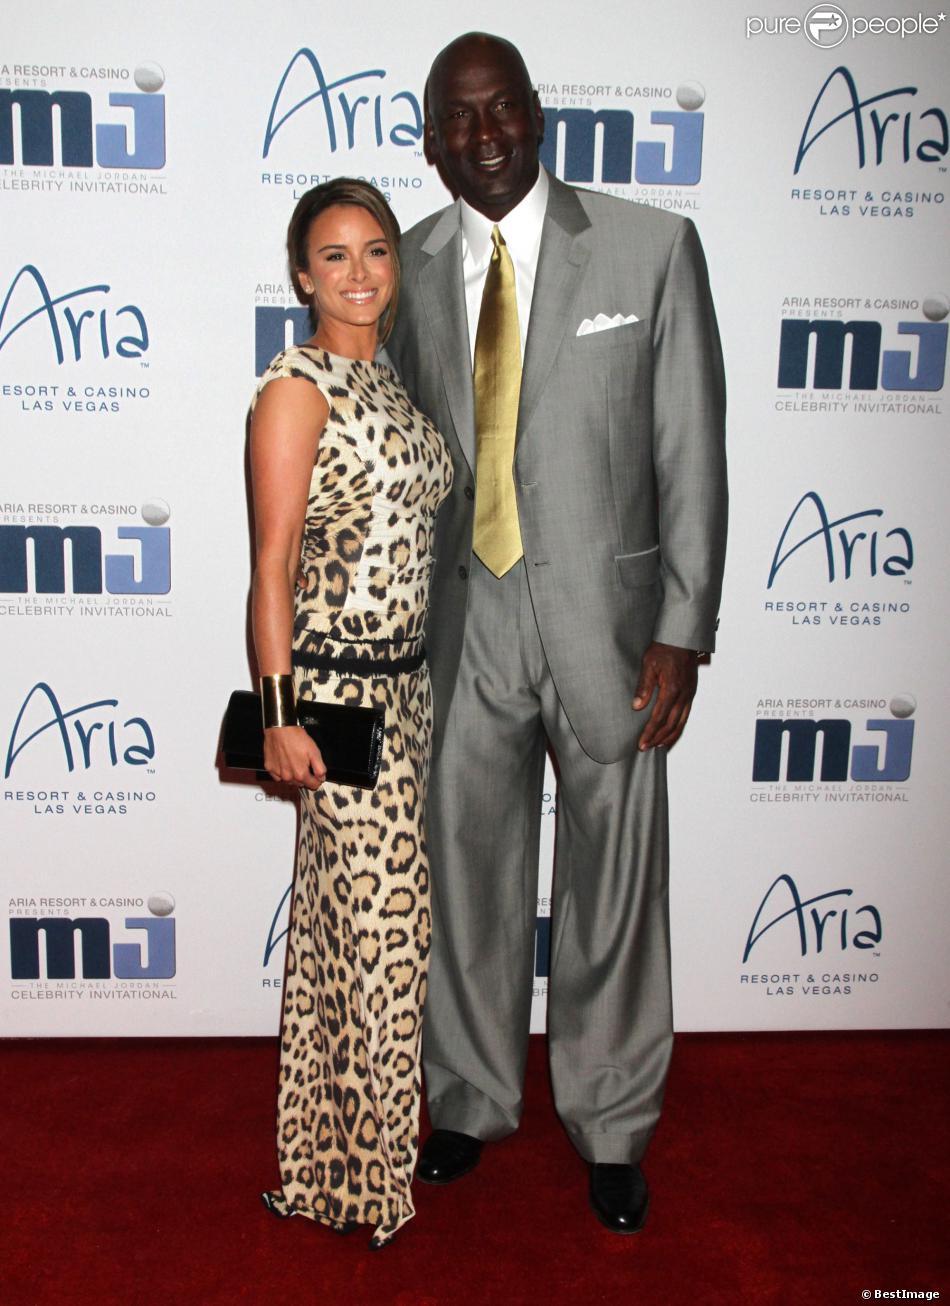 Michael Jordan et son épouse en secondes noces Yvette Prieto, ici en mars 2012 lors du 11e gala annuel de Michael Jordan, attendent leur premier enfant pour 2014, a-t-on appris le 30 novembre 2013